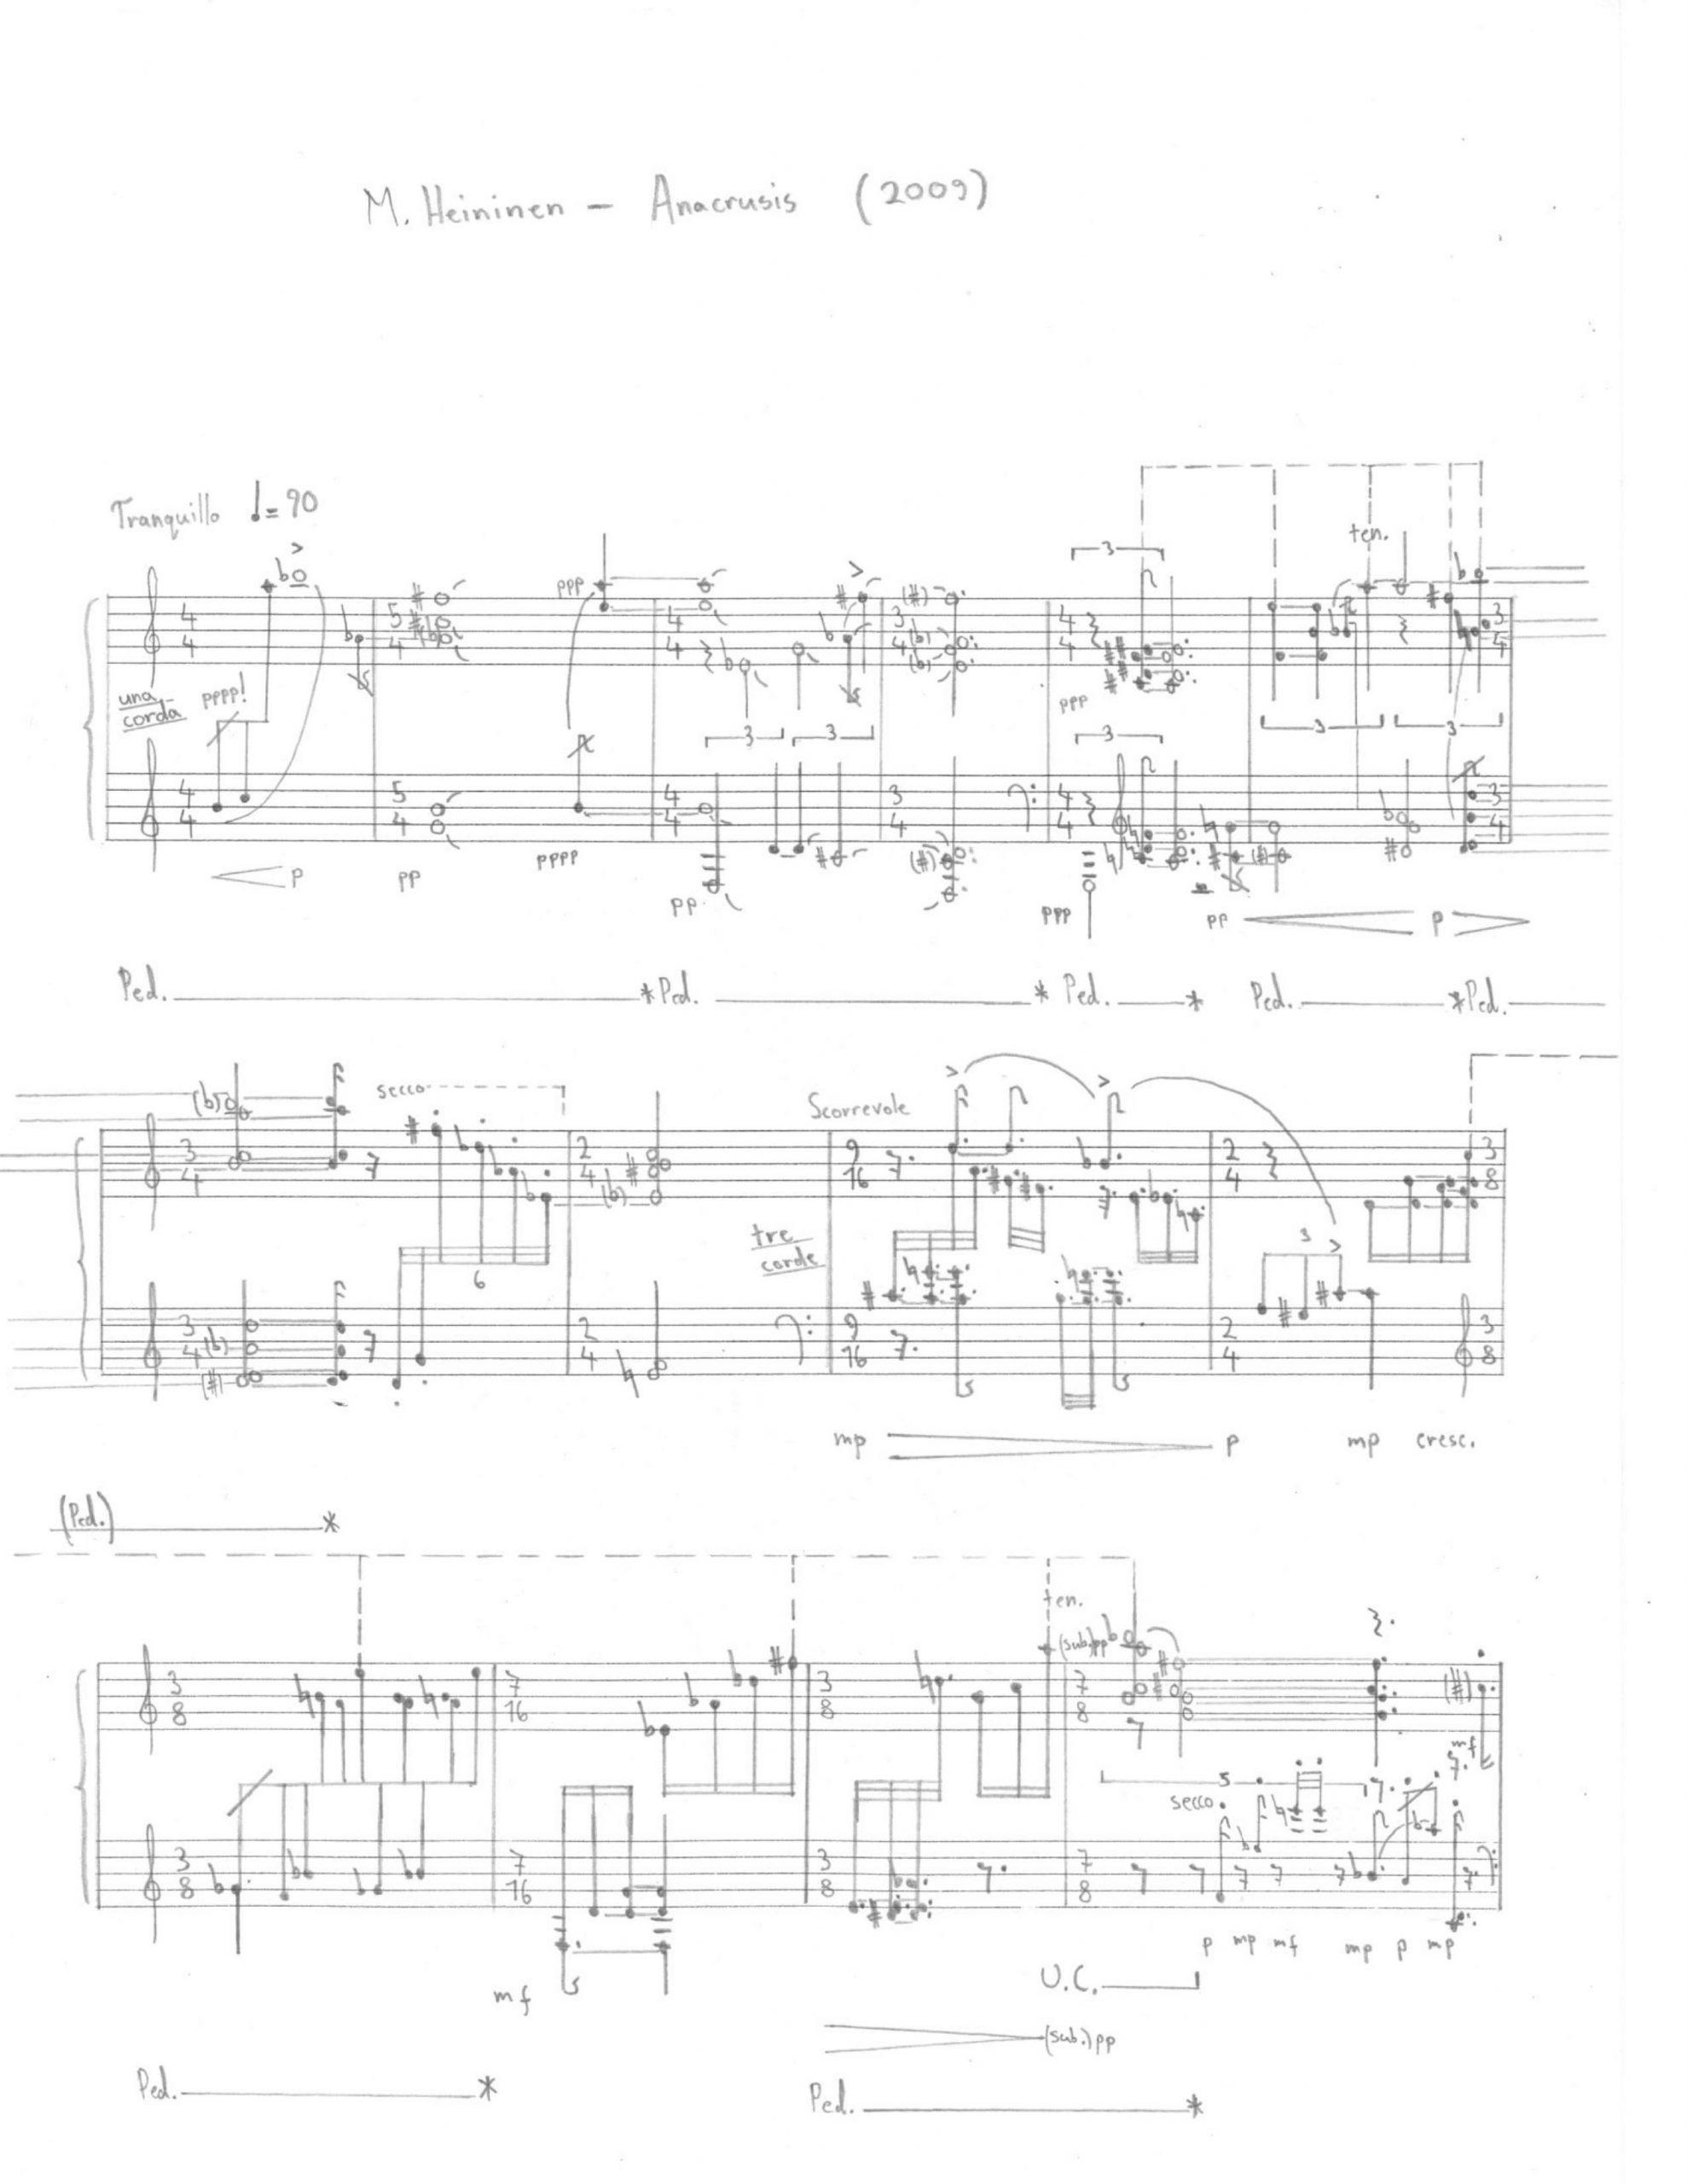 matti heininen composition anacrusis